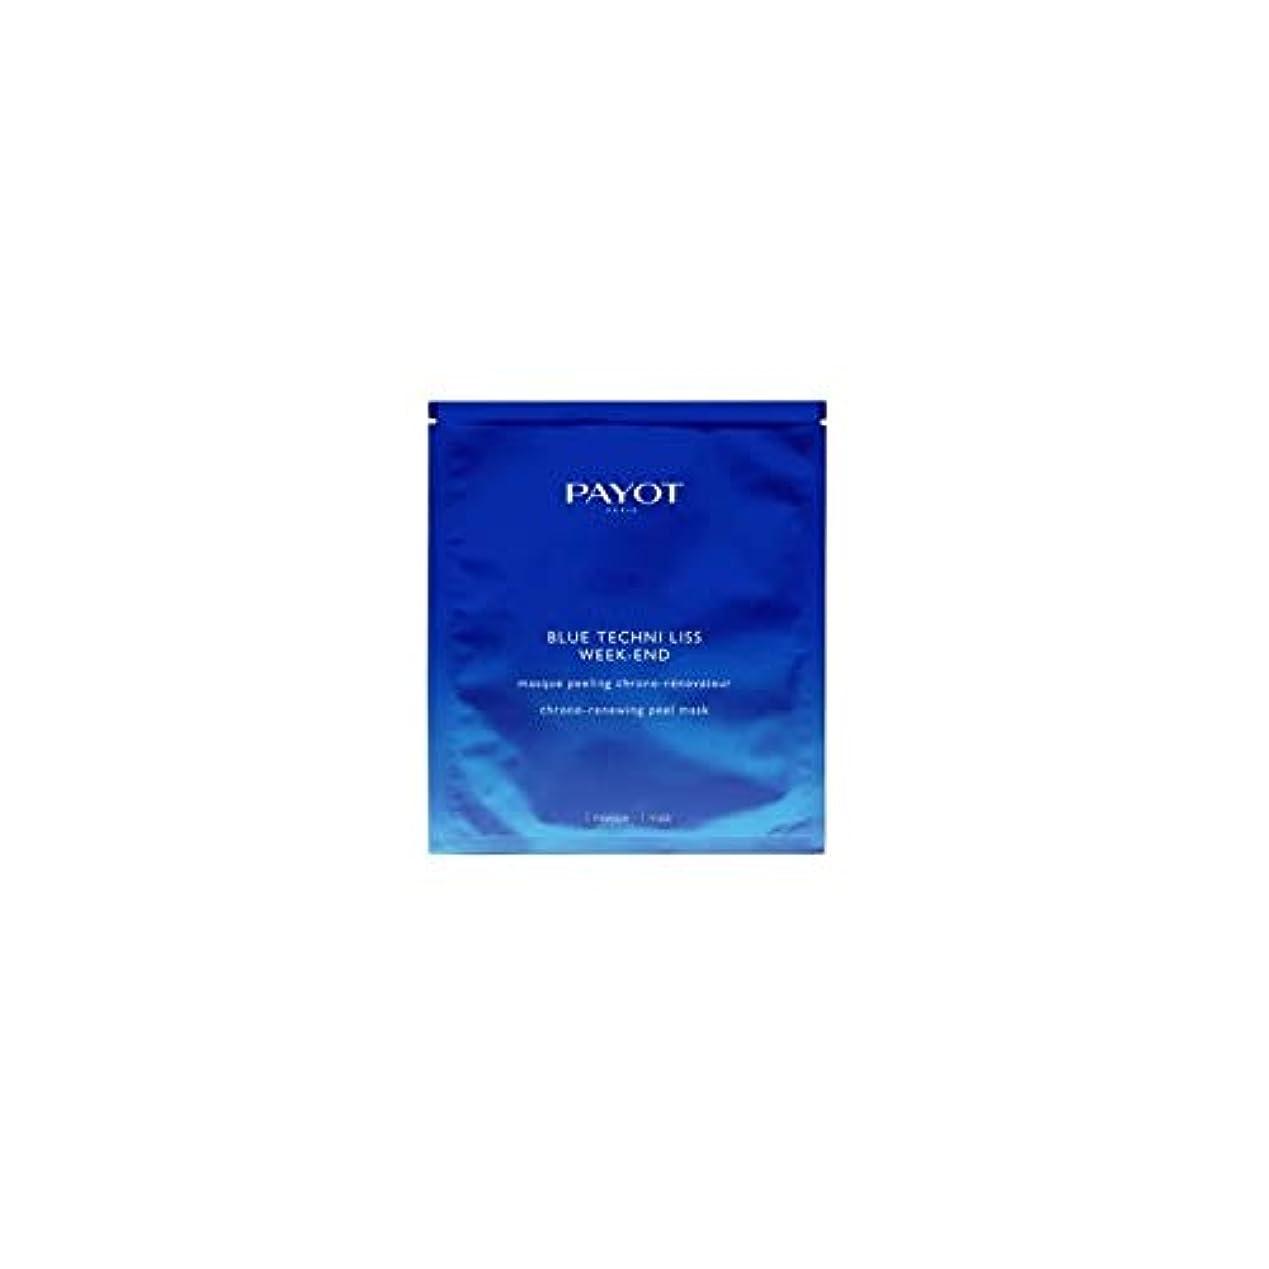 器具遮るコピーパイヨ Blue Techni Liss Week-End Chrono-Renewing Peel Mask 10pcs並行輸入品